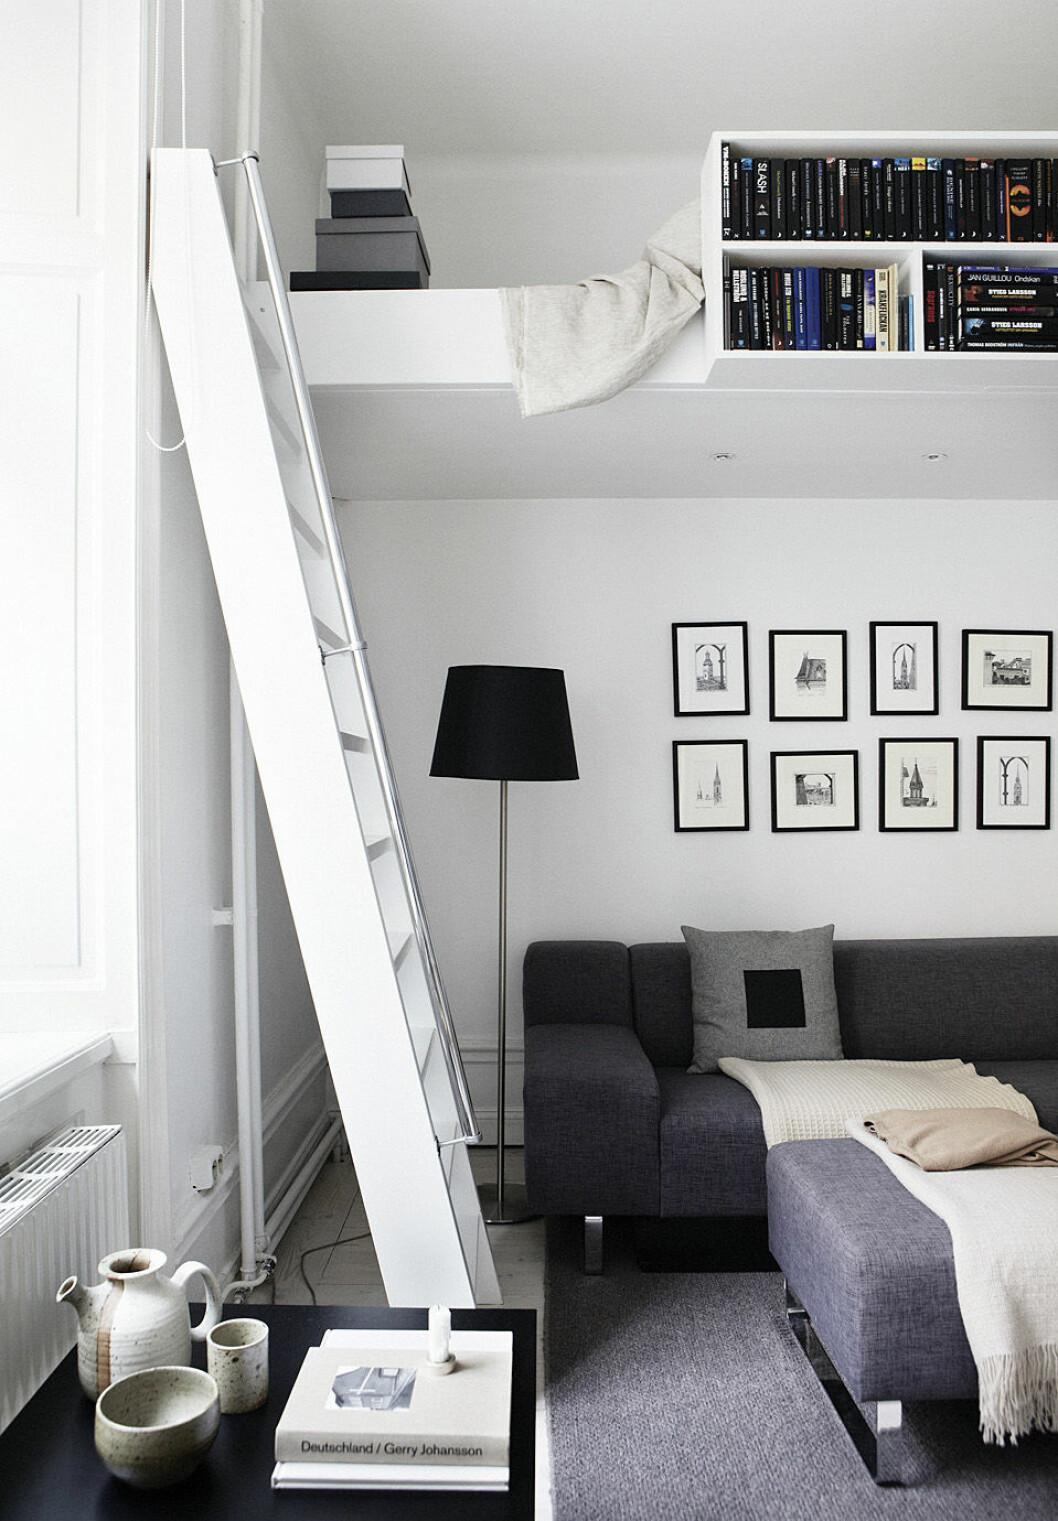 Platsbyggt sovloft skapar välbehövliga ytor i ett litet rum